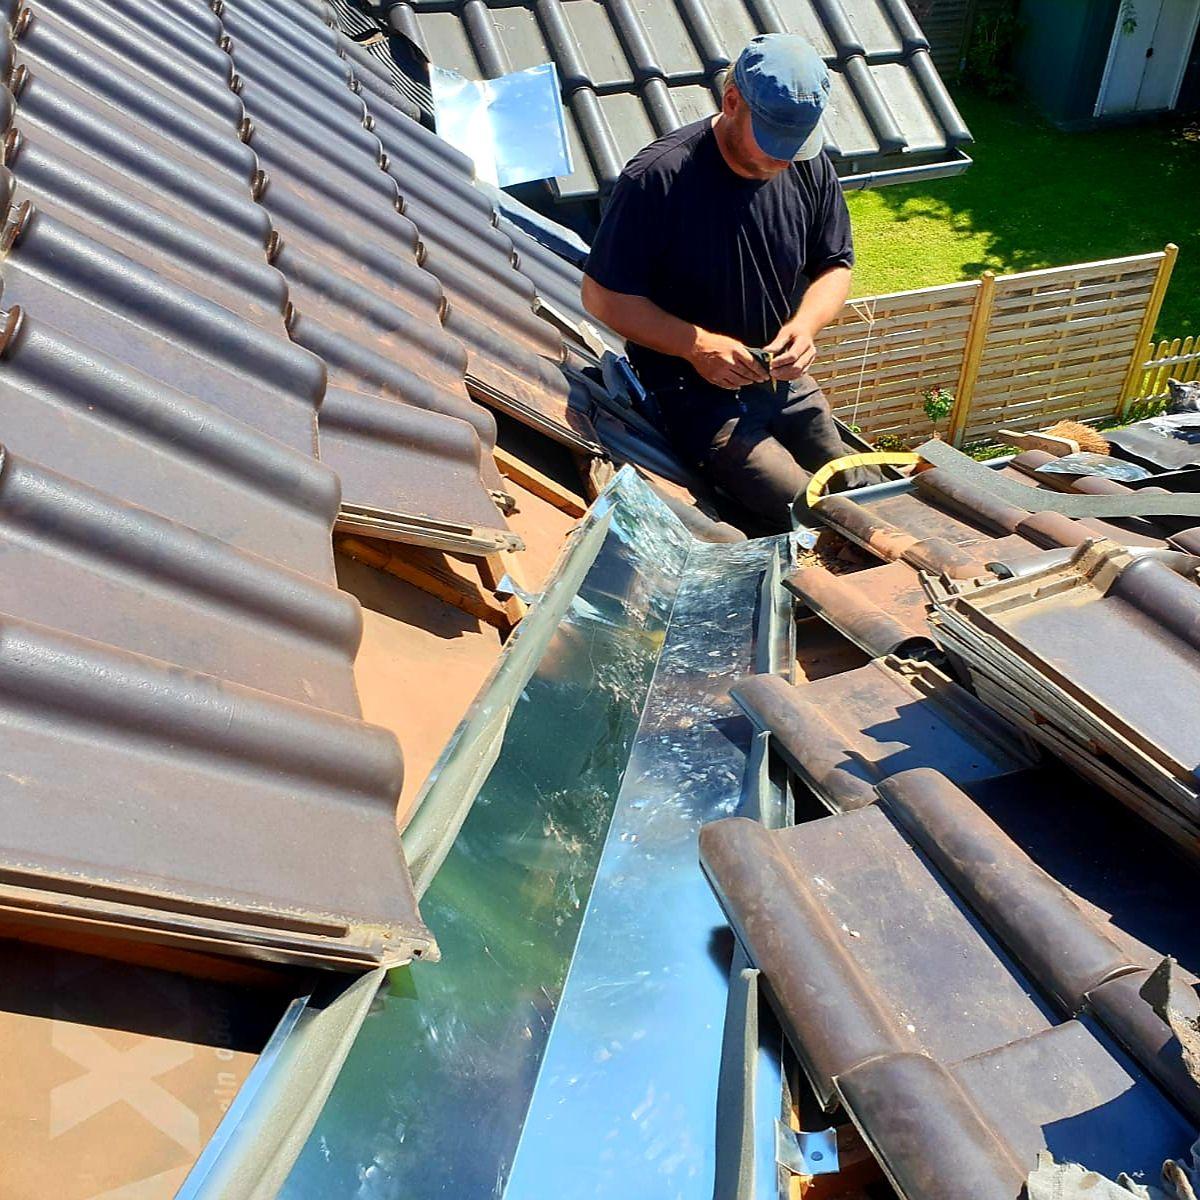 Sie Haben Ein Dach Schaden Wir Helfen Ihnen Reparatur Wartung Dachreparatur Dach Reparatur